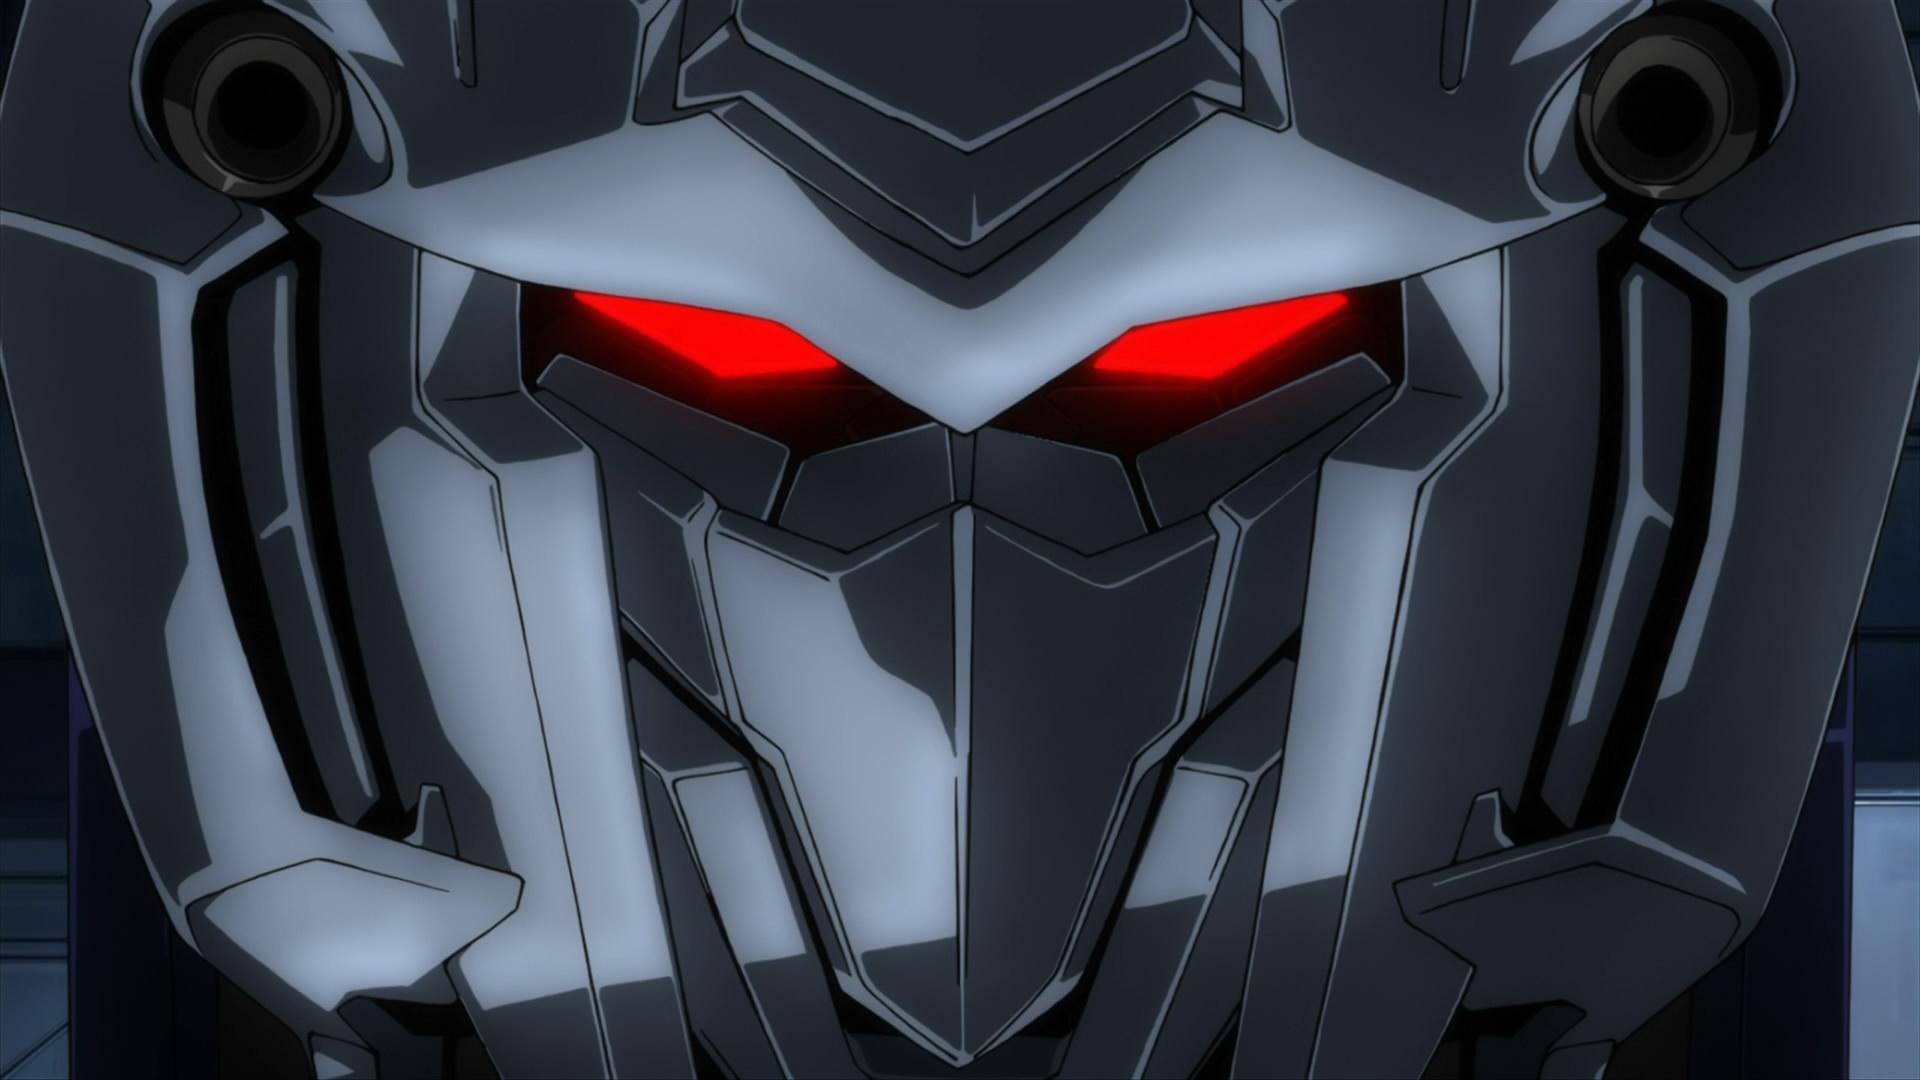 TV-J-Kidou-Senshi-Gundam-UC-Unicorn-episode.03-BD-1920x1080-h264+AAC5.1ch-JP+EN-+SubJP-EN-SP-FR-CH-Chap.mp4_snapshot_05.27_2011.03.09_16.14.30